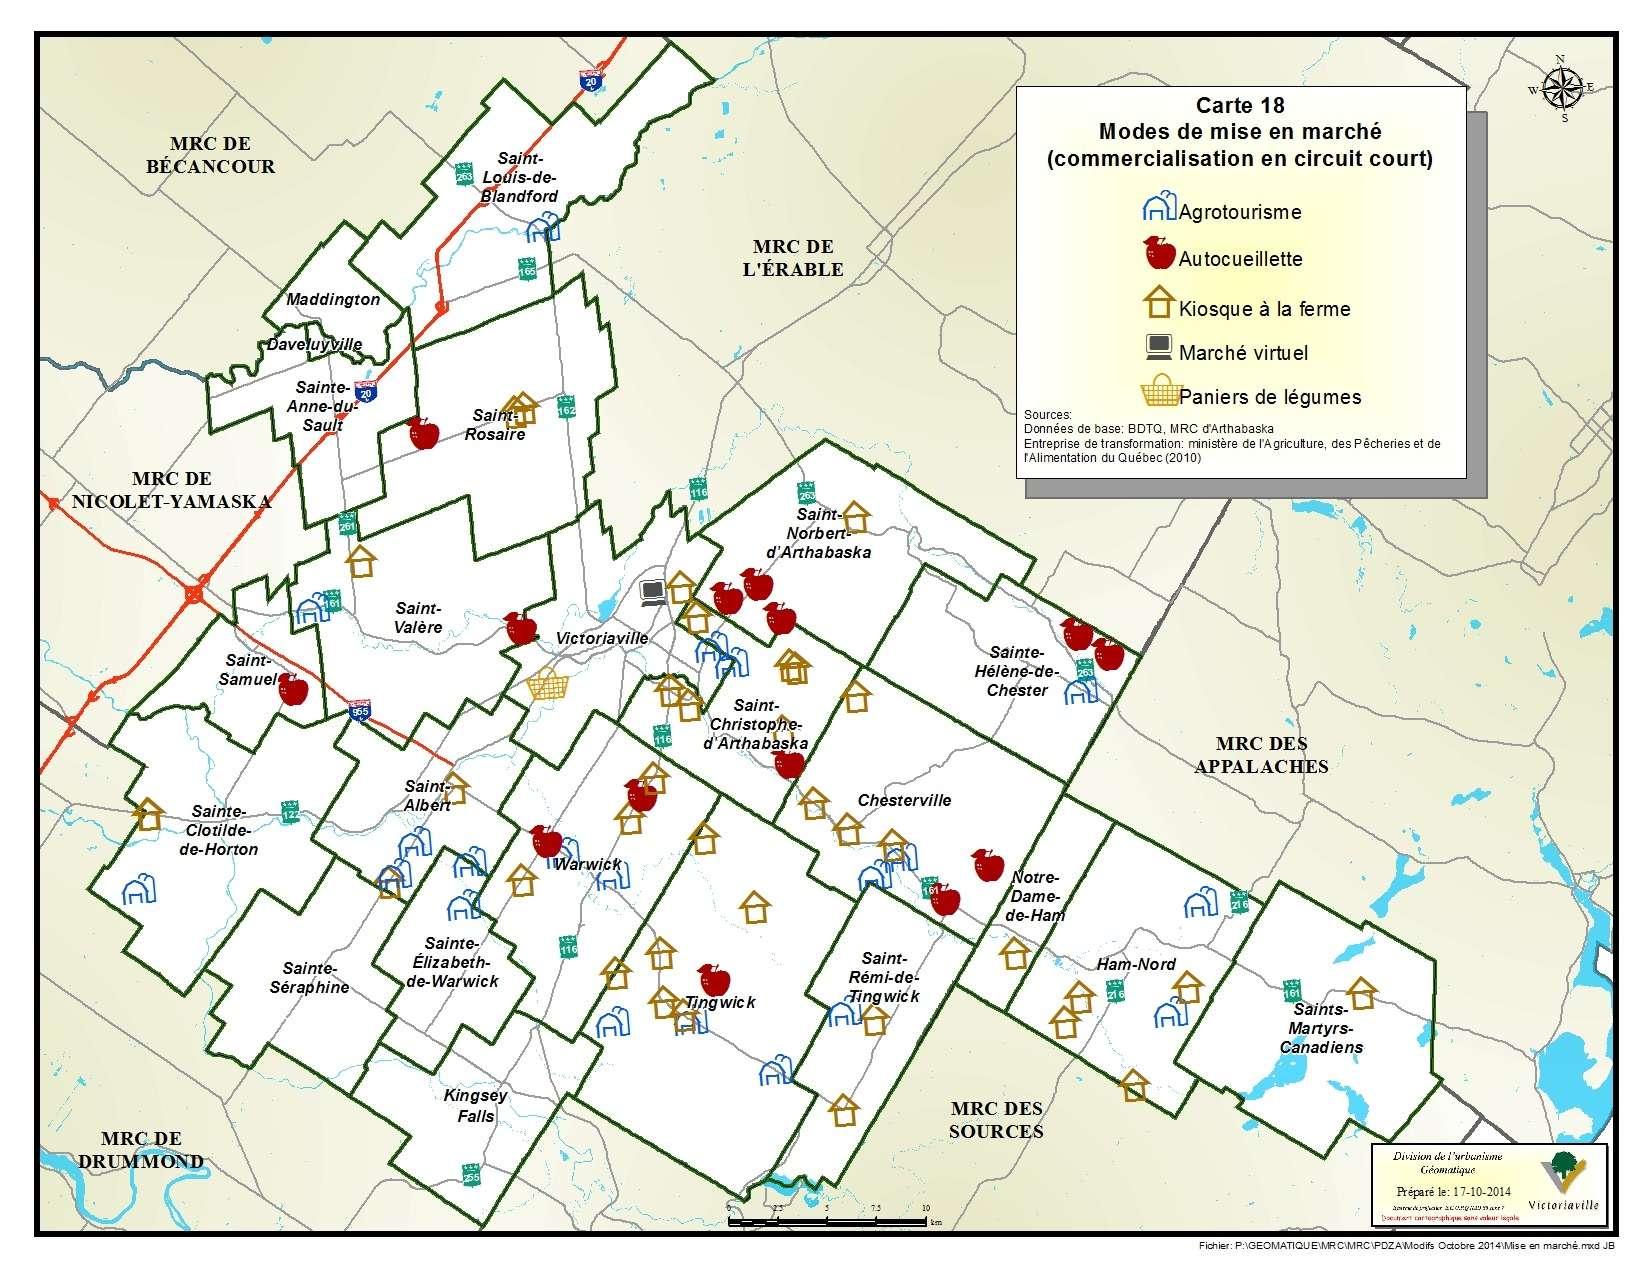 Carte 18 de 23 - Modes de mise en marché (commercialisation en circuit court)